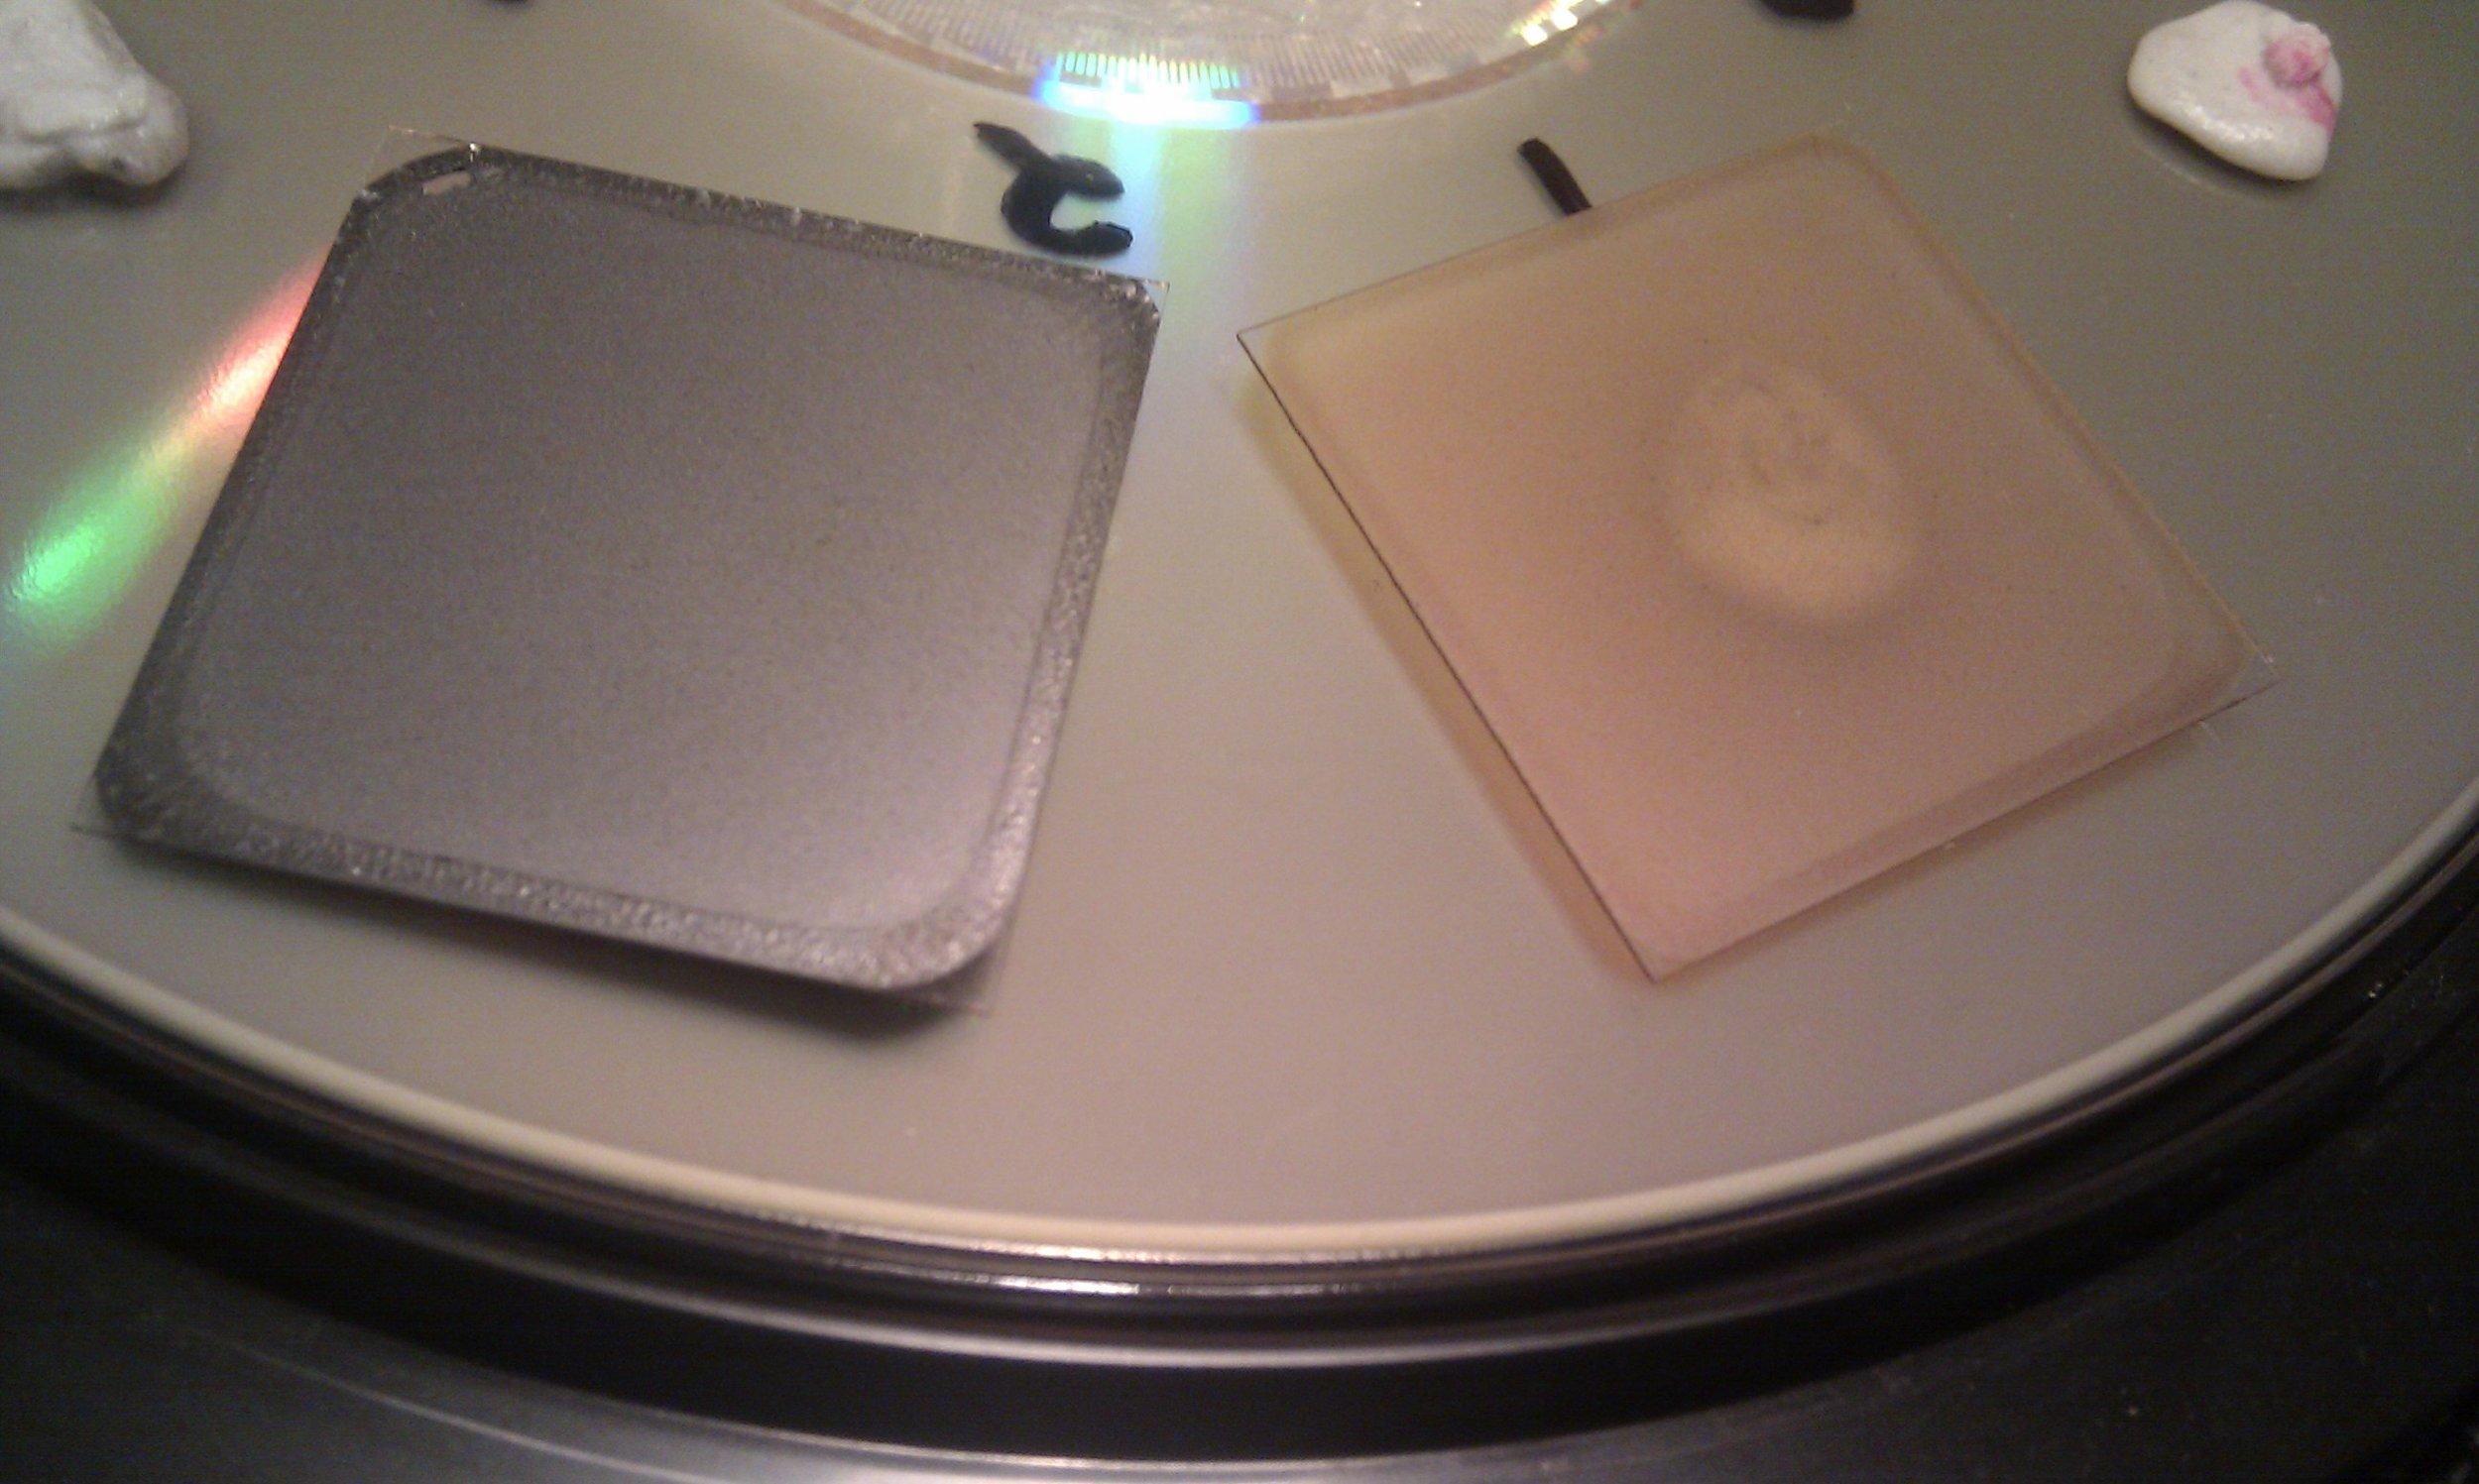 (left) Reduced Graphene oxide. (right) graphene oxide